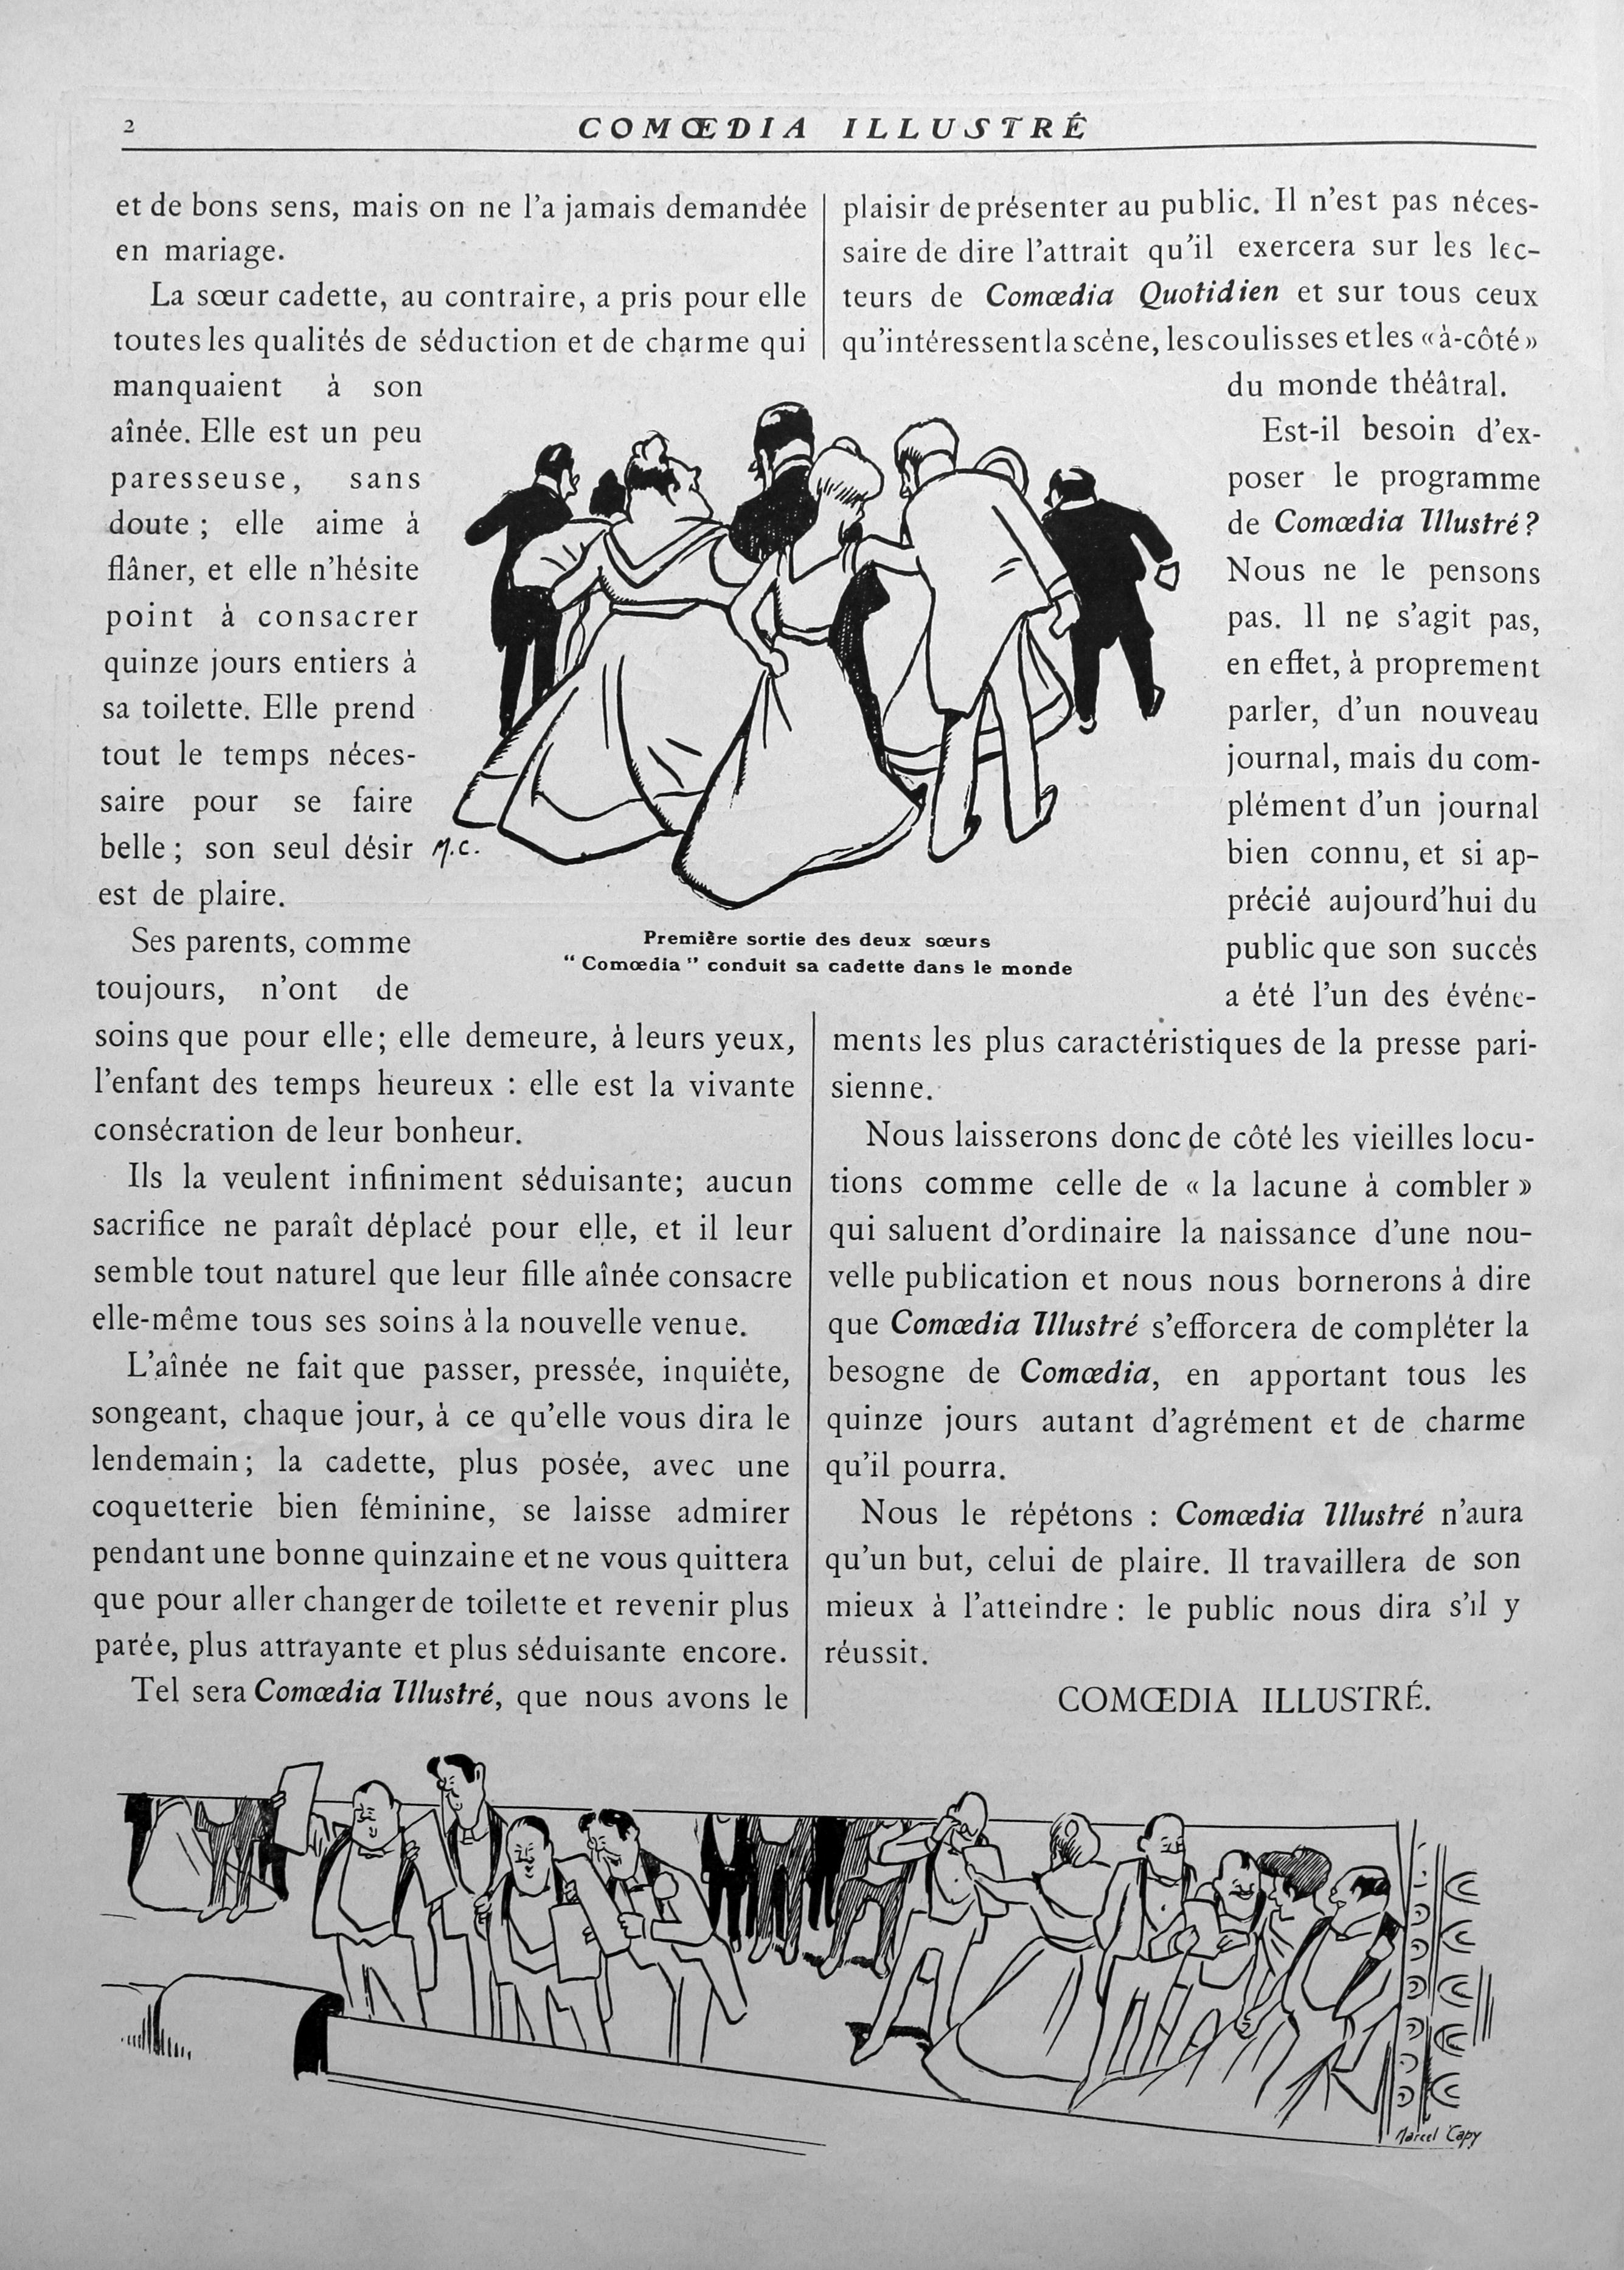 Comoedia illustré, 15 janvier 1909, p. 76